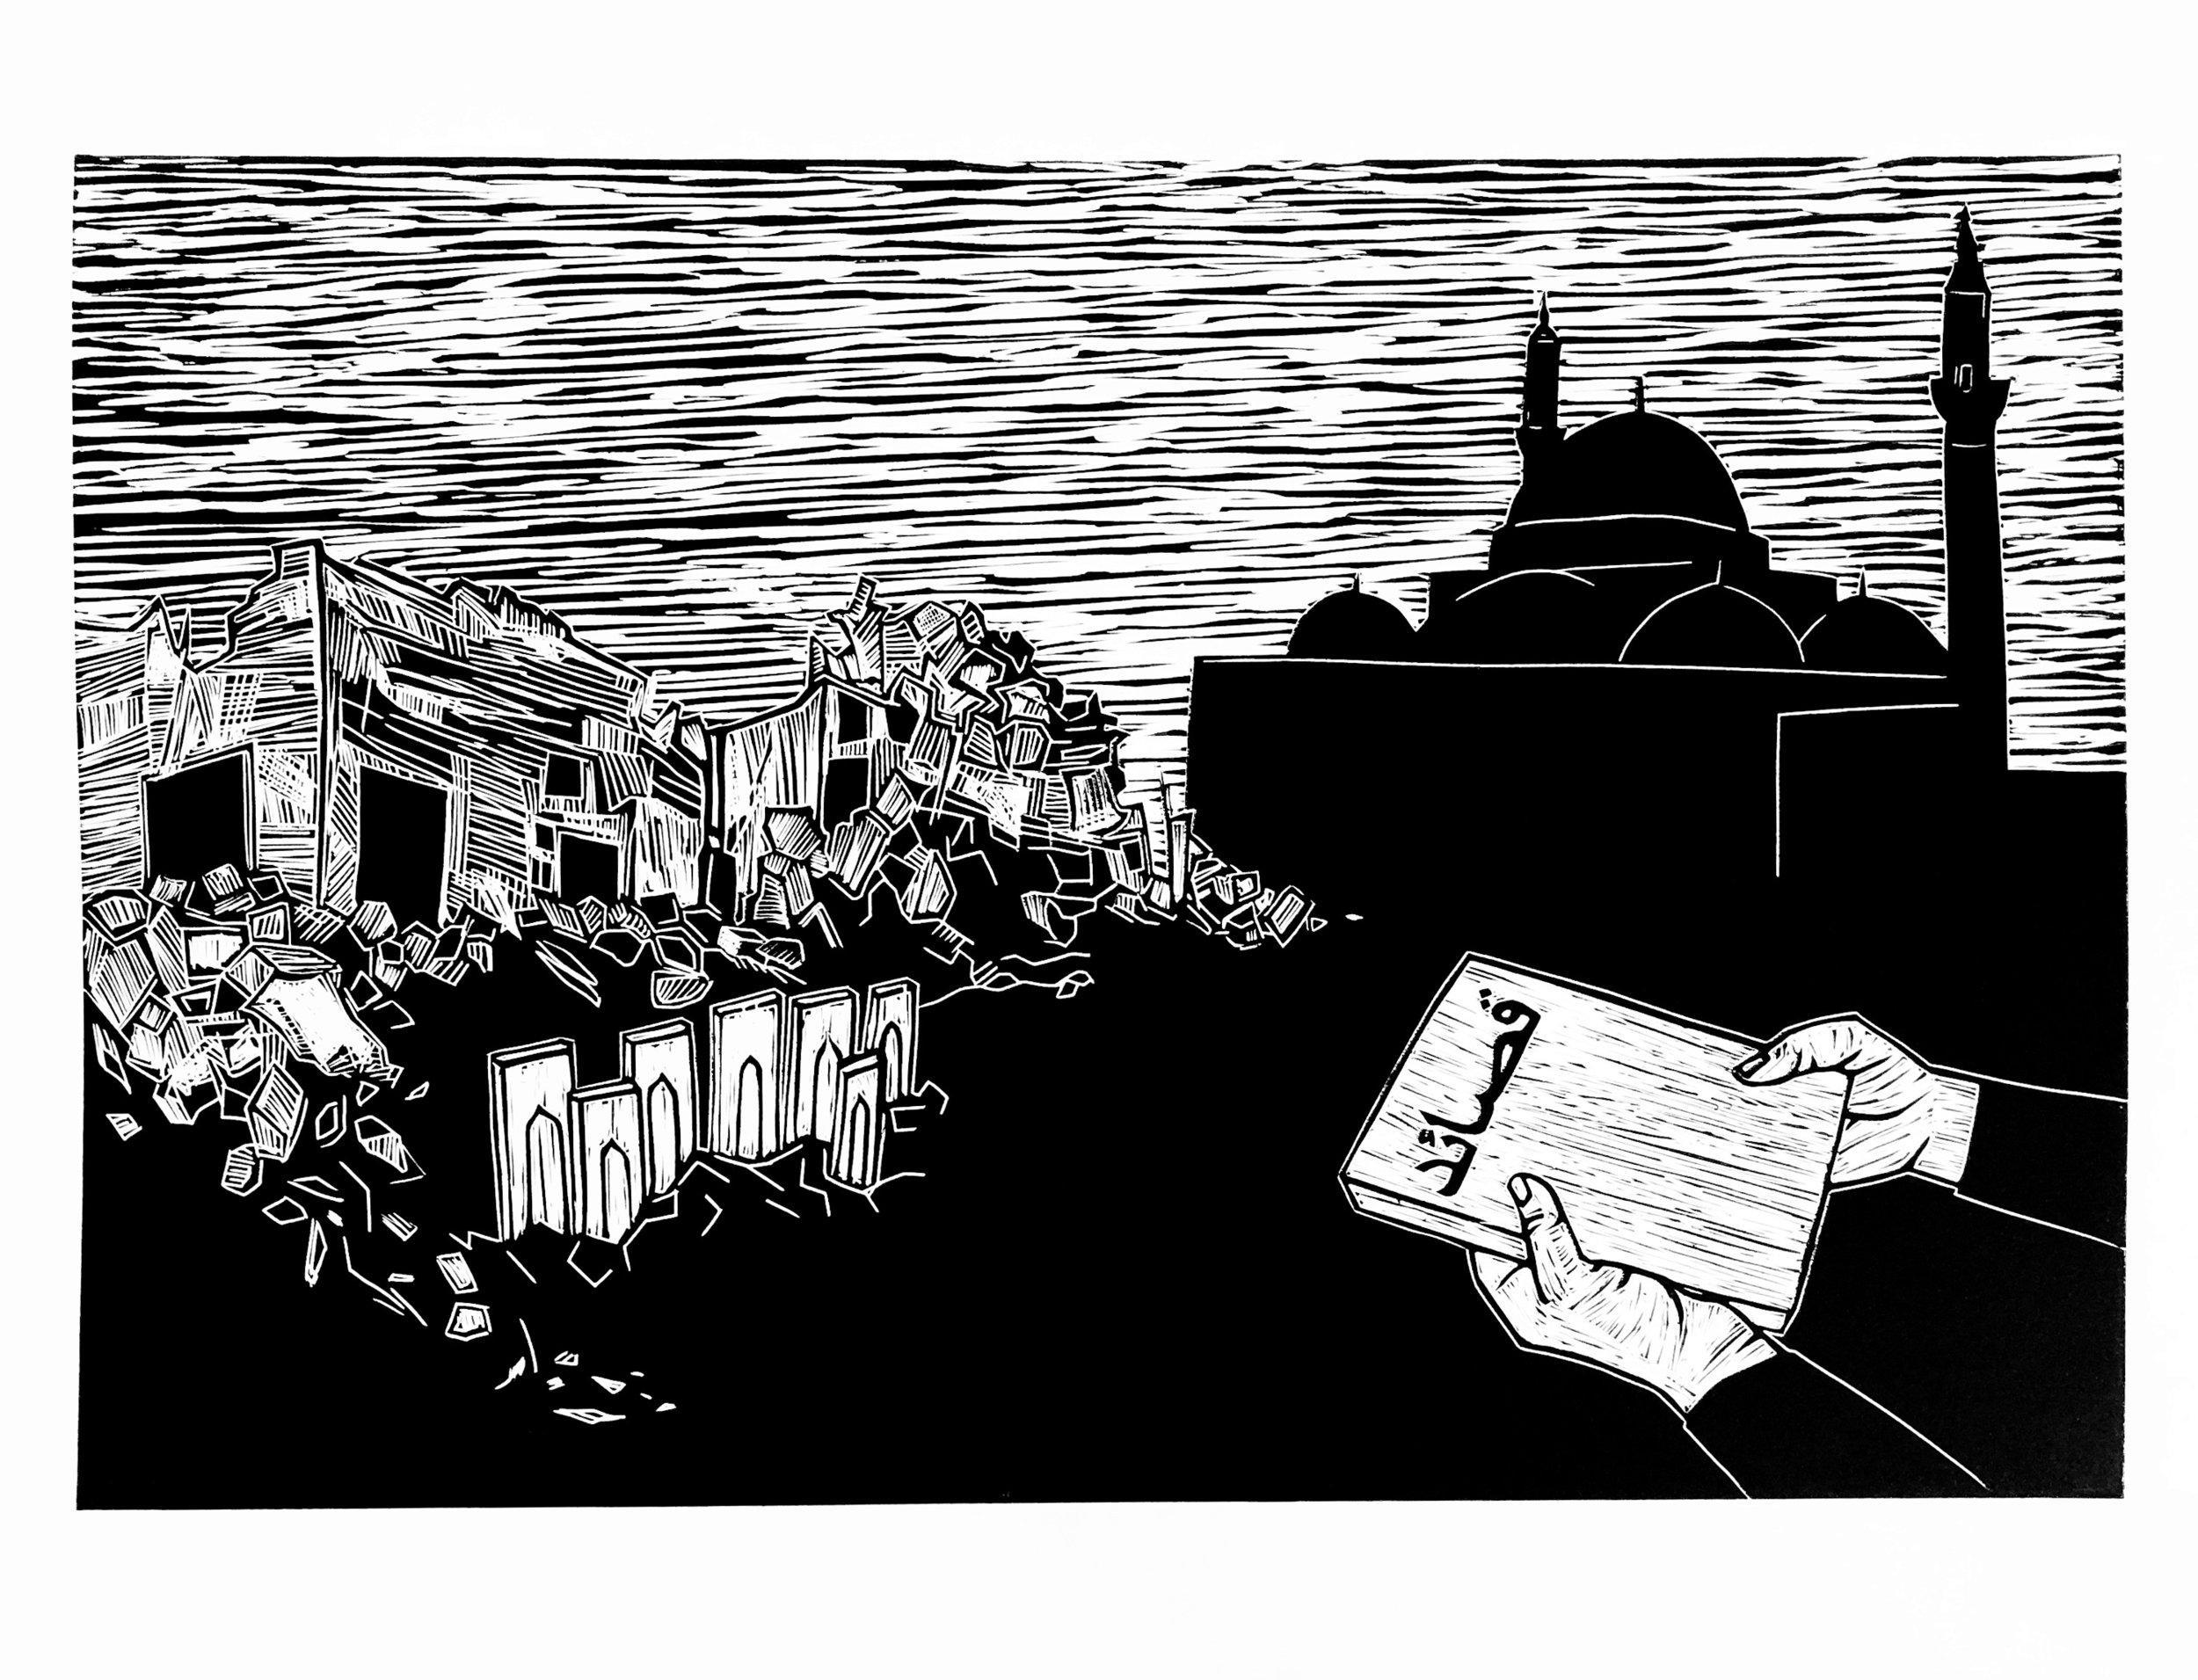 Fatima and Abdu  (2019), linocut on paper, 12x18in